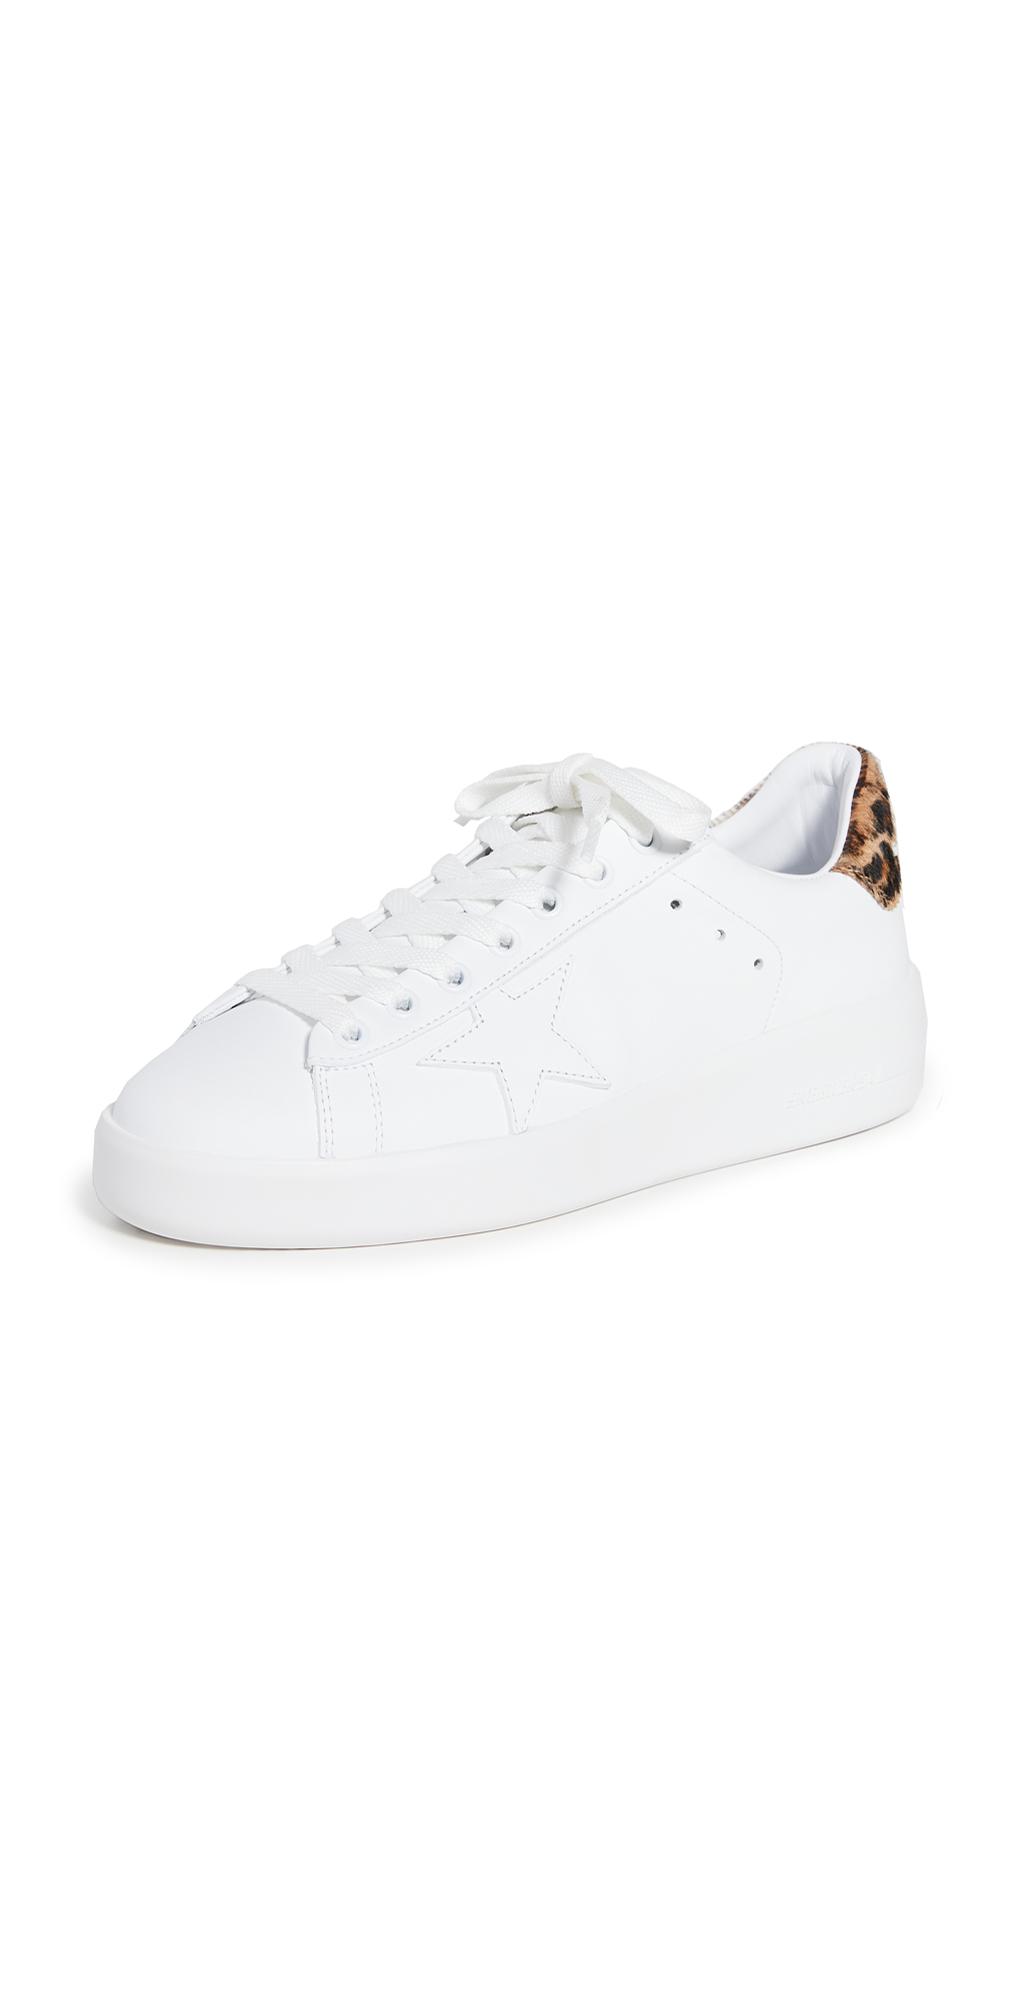 Golden Goose Pure Star Sneakers